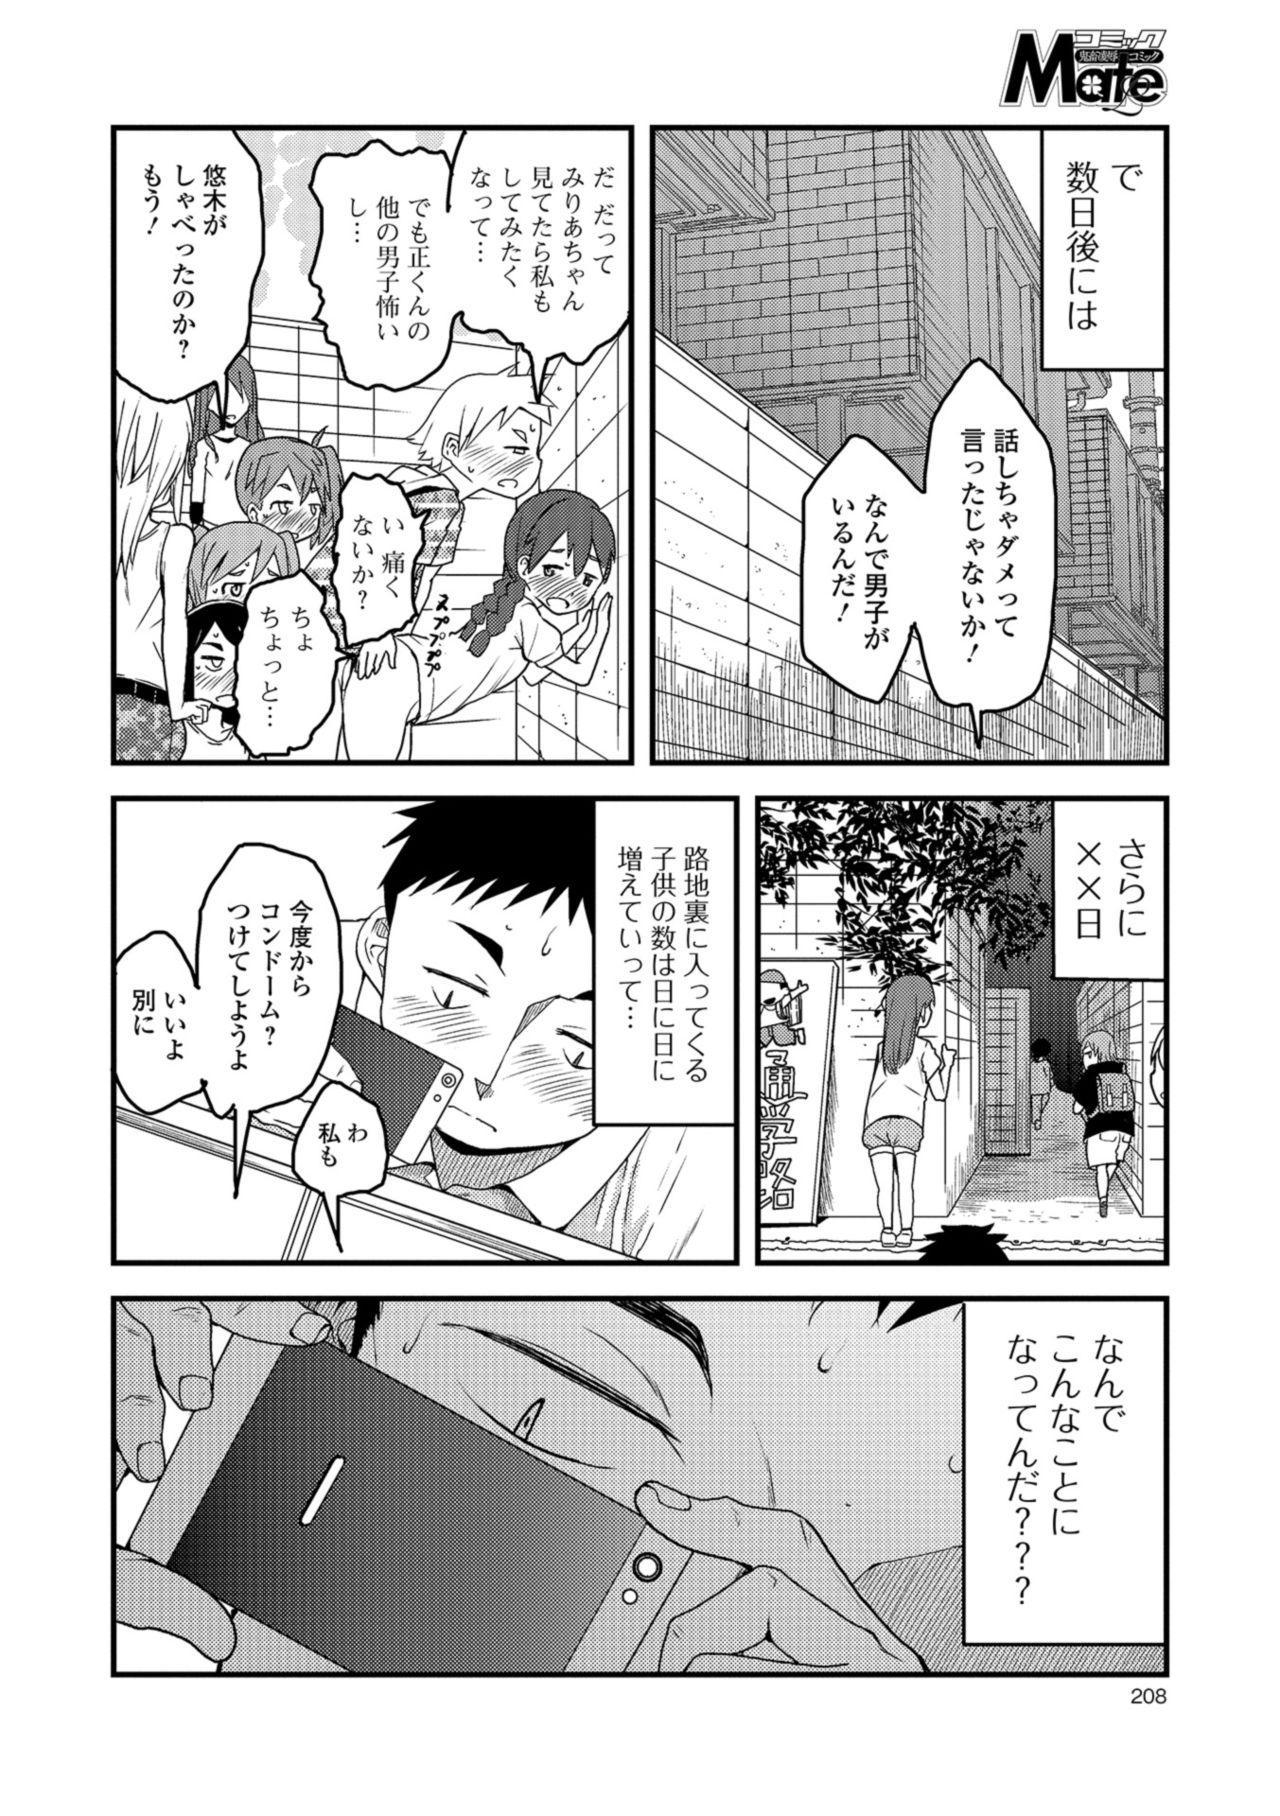 COMIC Mate Legend Vol. 24 2018-12 197